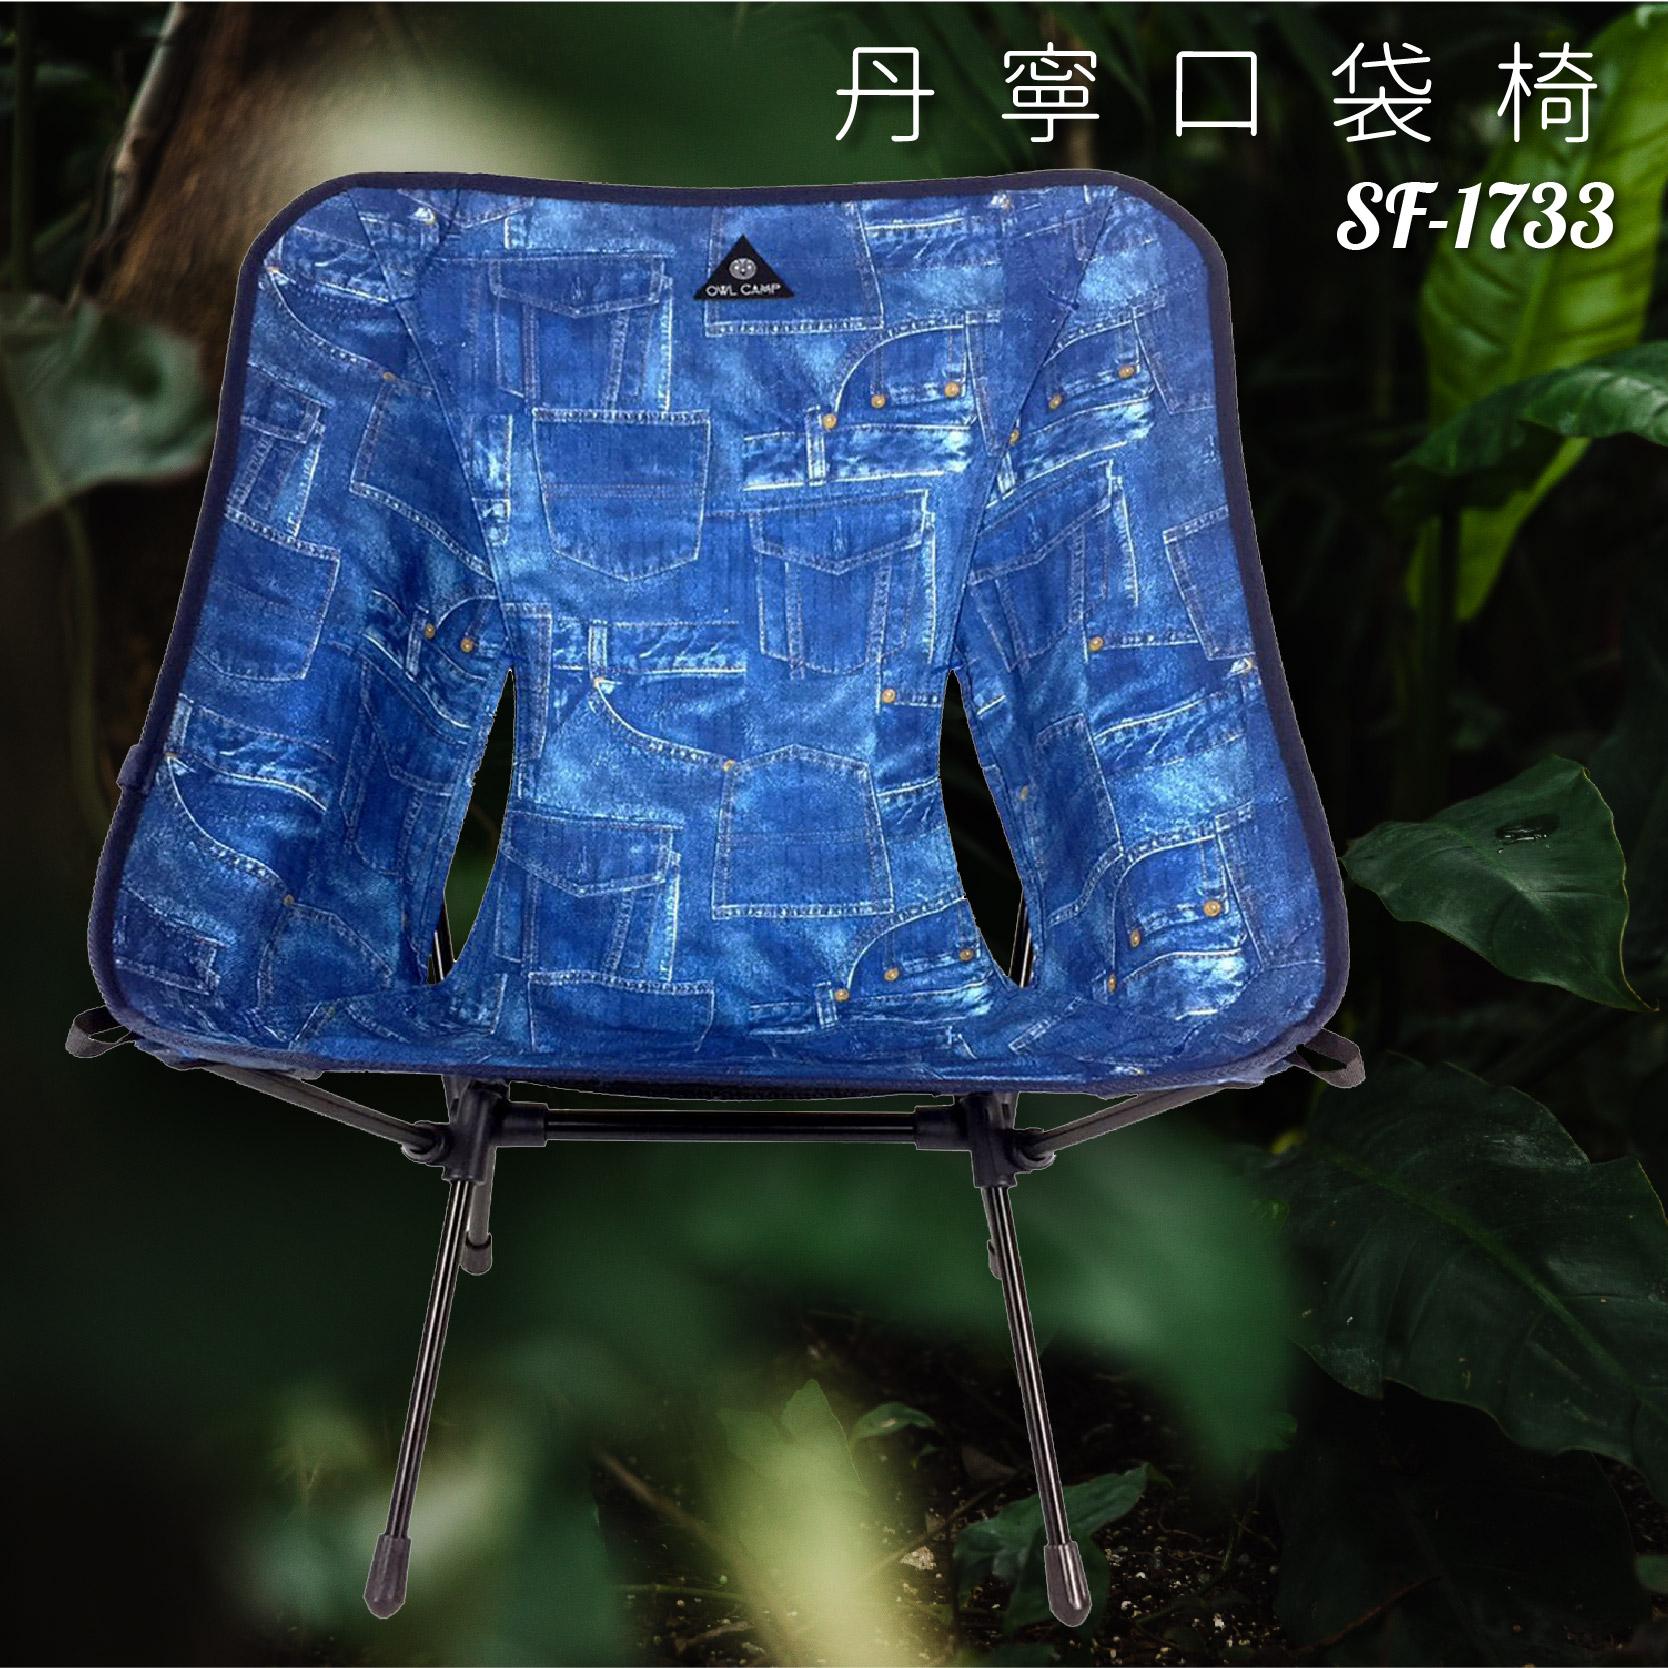 好想去旅行!印花椅 SF-1733 丹寧口袋 露營椅 摺疊椅 收納椅 沙灘椅 輕巧 時尚 旅行 假期 鋁合金 機能布